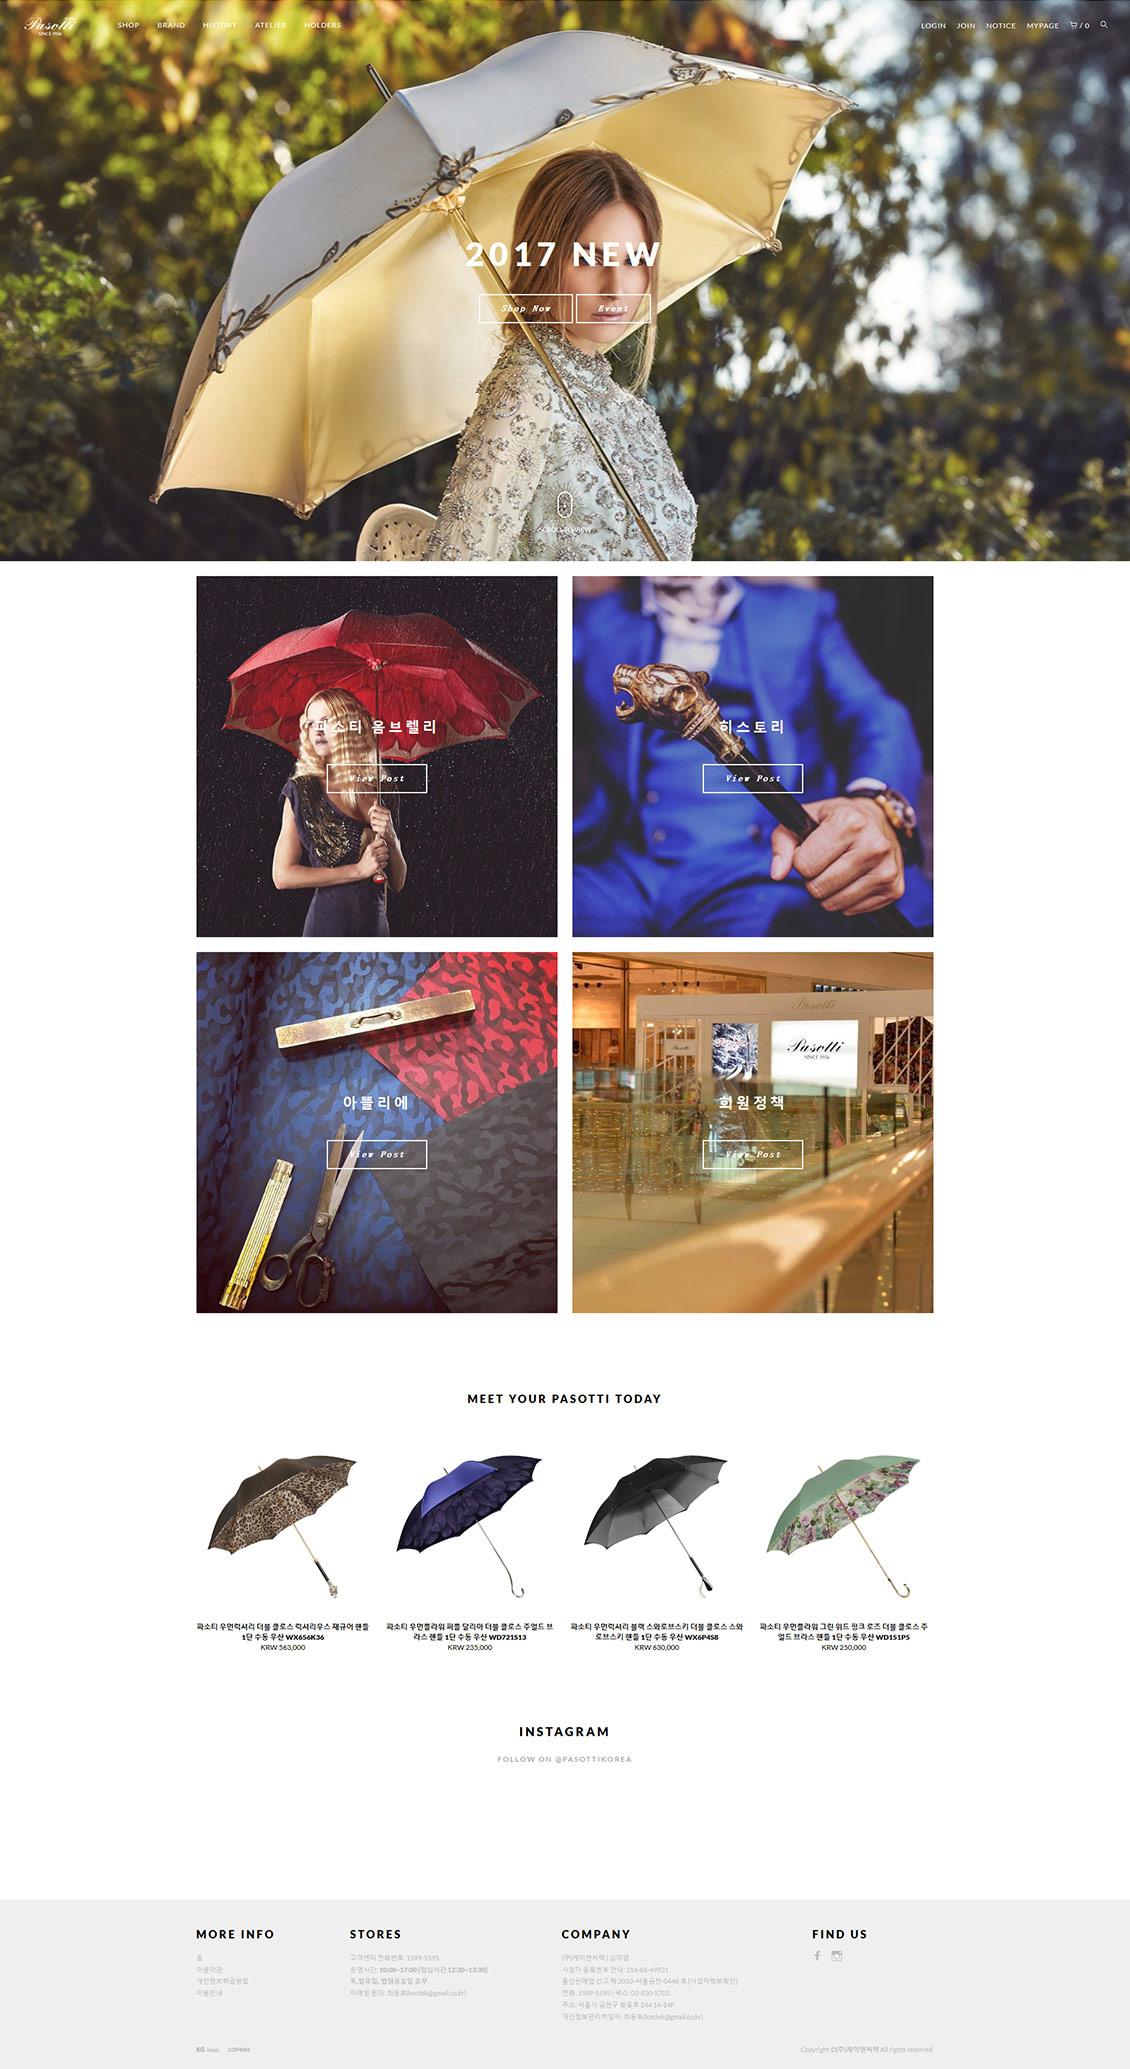 韩国意大利Pasoti奢侈品雨伞网站设计